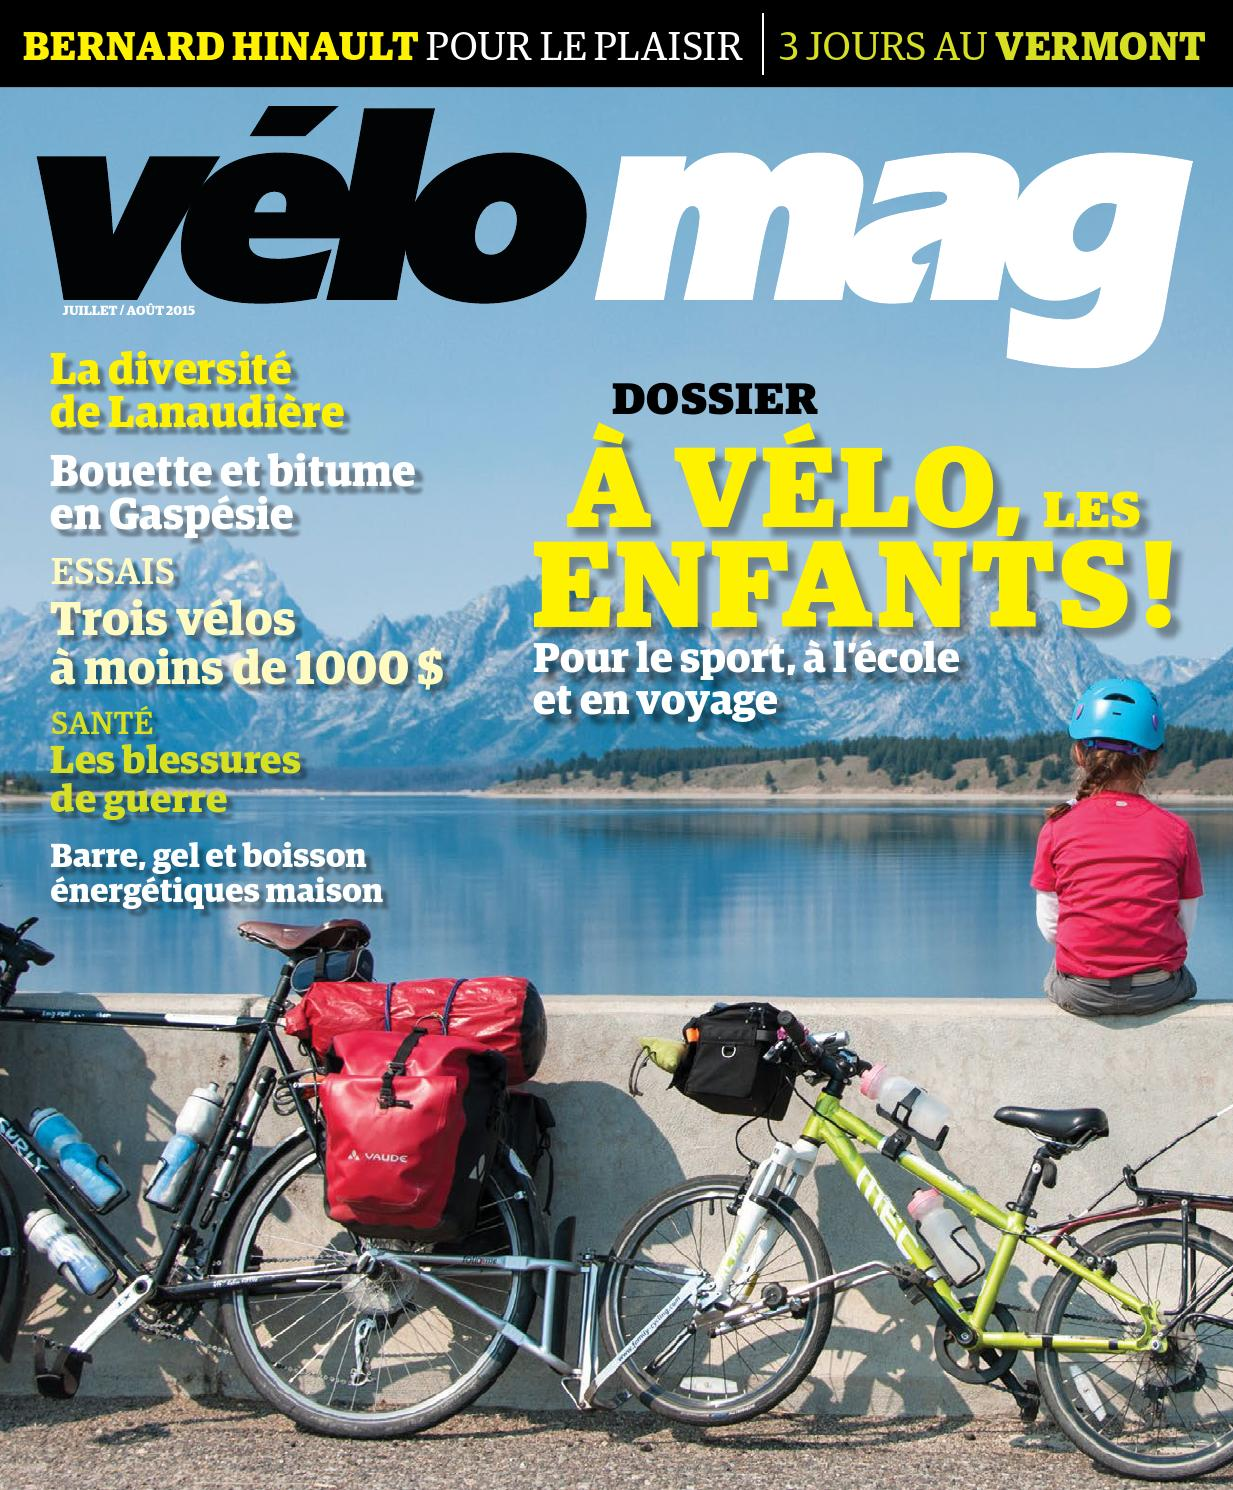 y compris Pince Nouveau Vert Enfants Vélo Selle-Garçons populaire Vélo Places assises